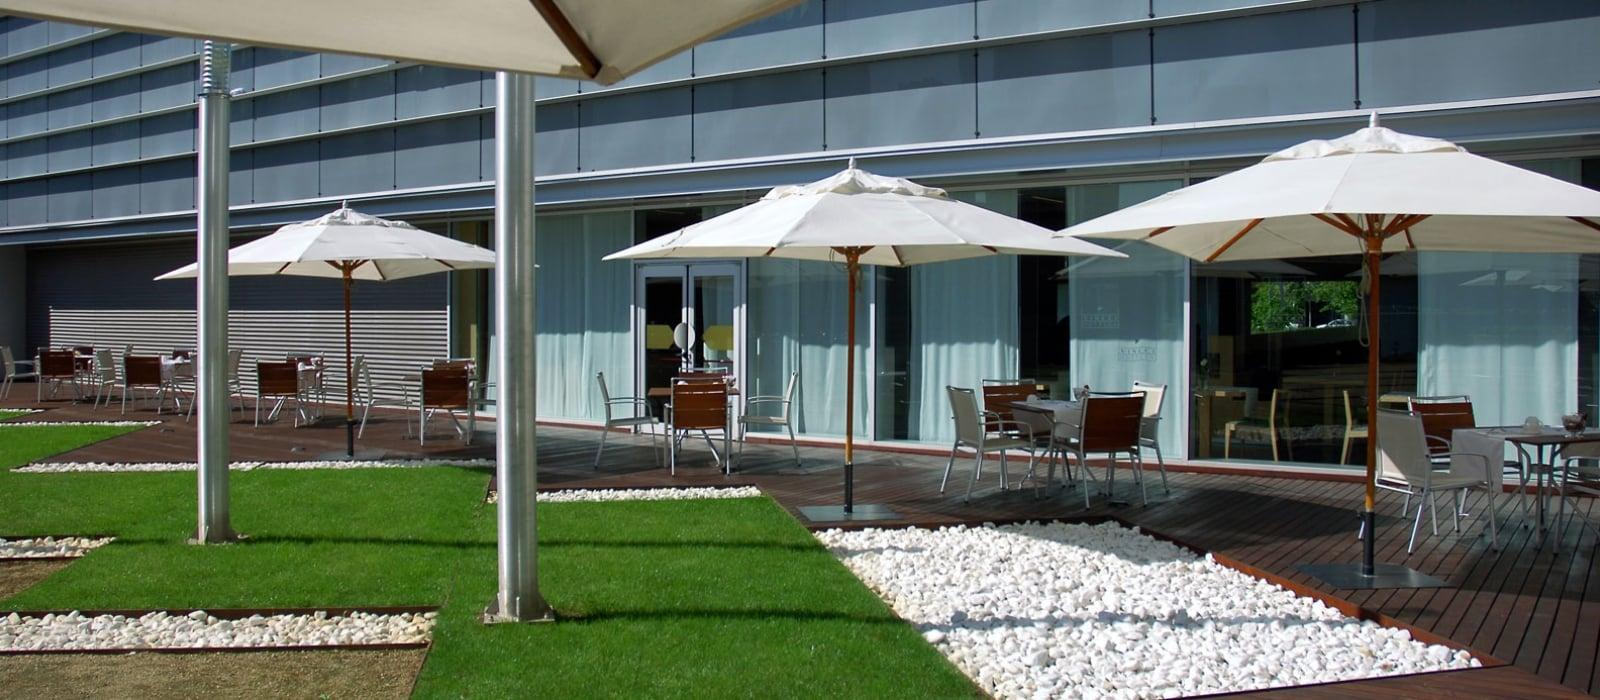 Servicios Hotel Barcelona Marítimo - Vincci Hoteles - Jardín Japonés